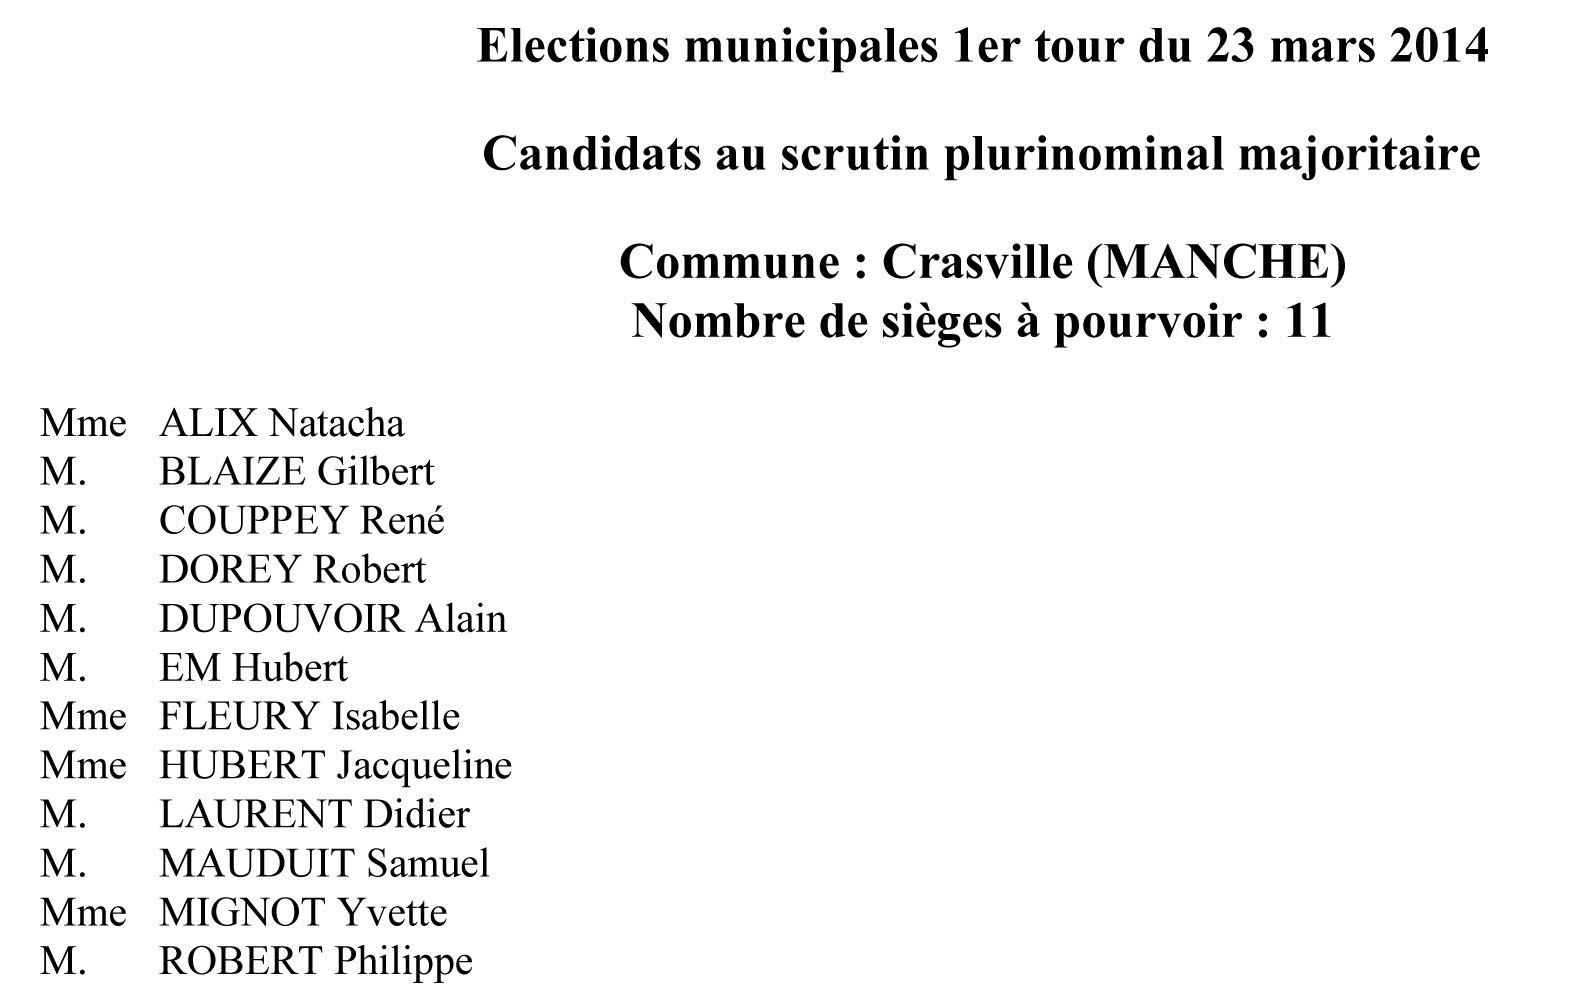 Val de Saire : Elections municipales (2) J-14